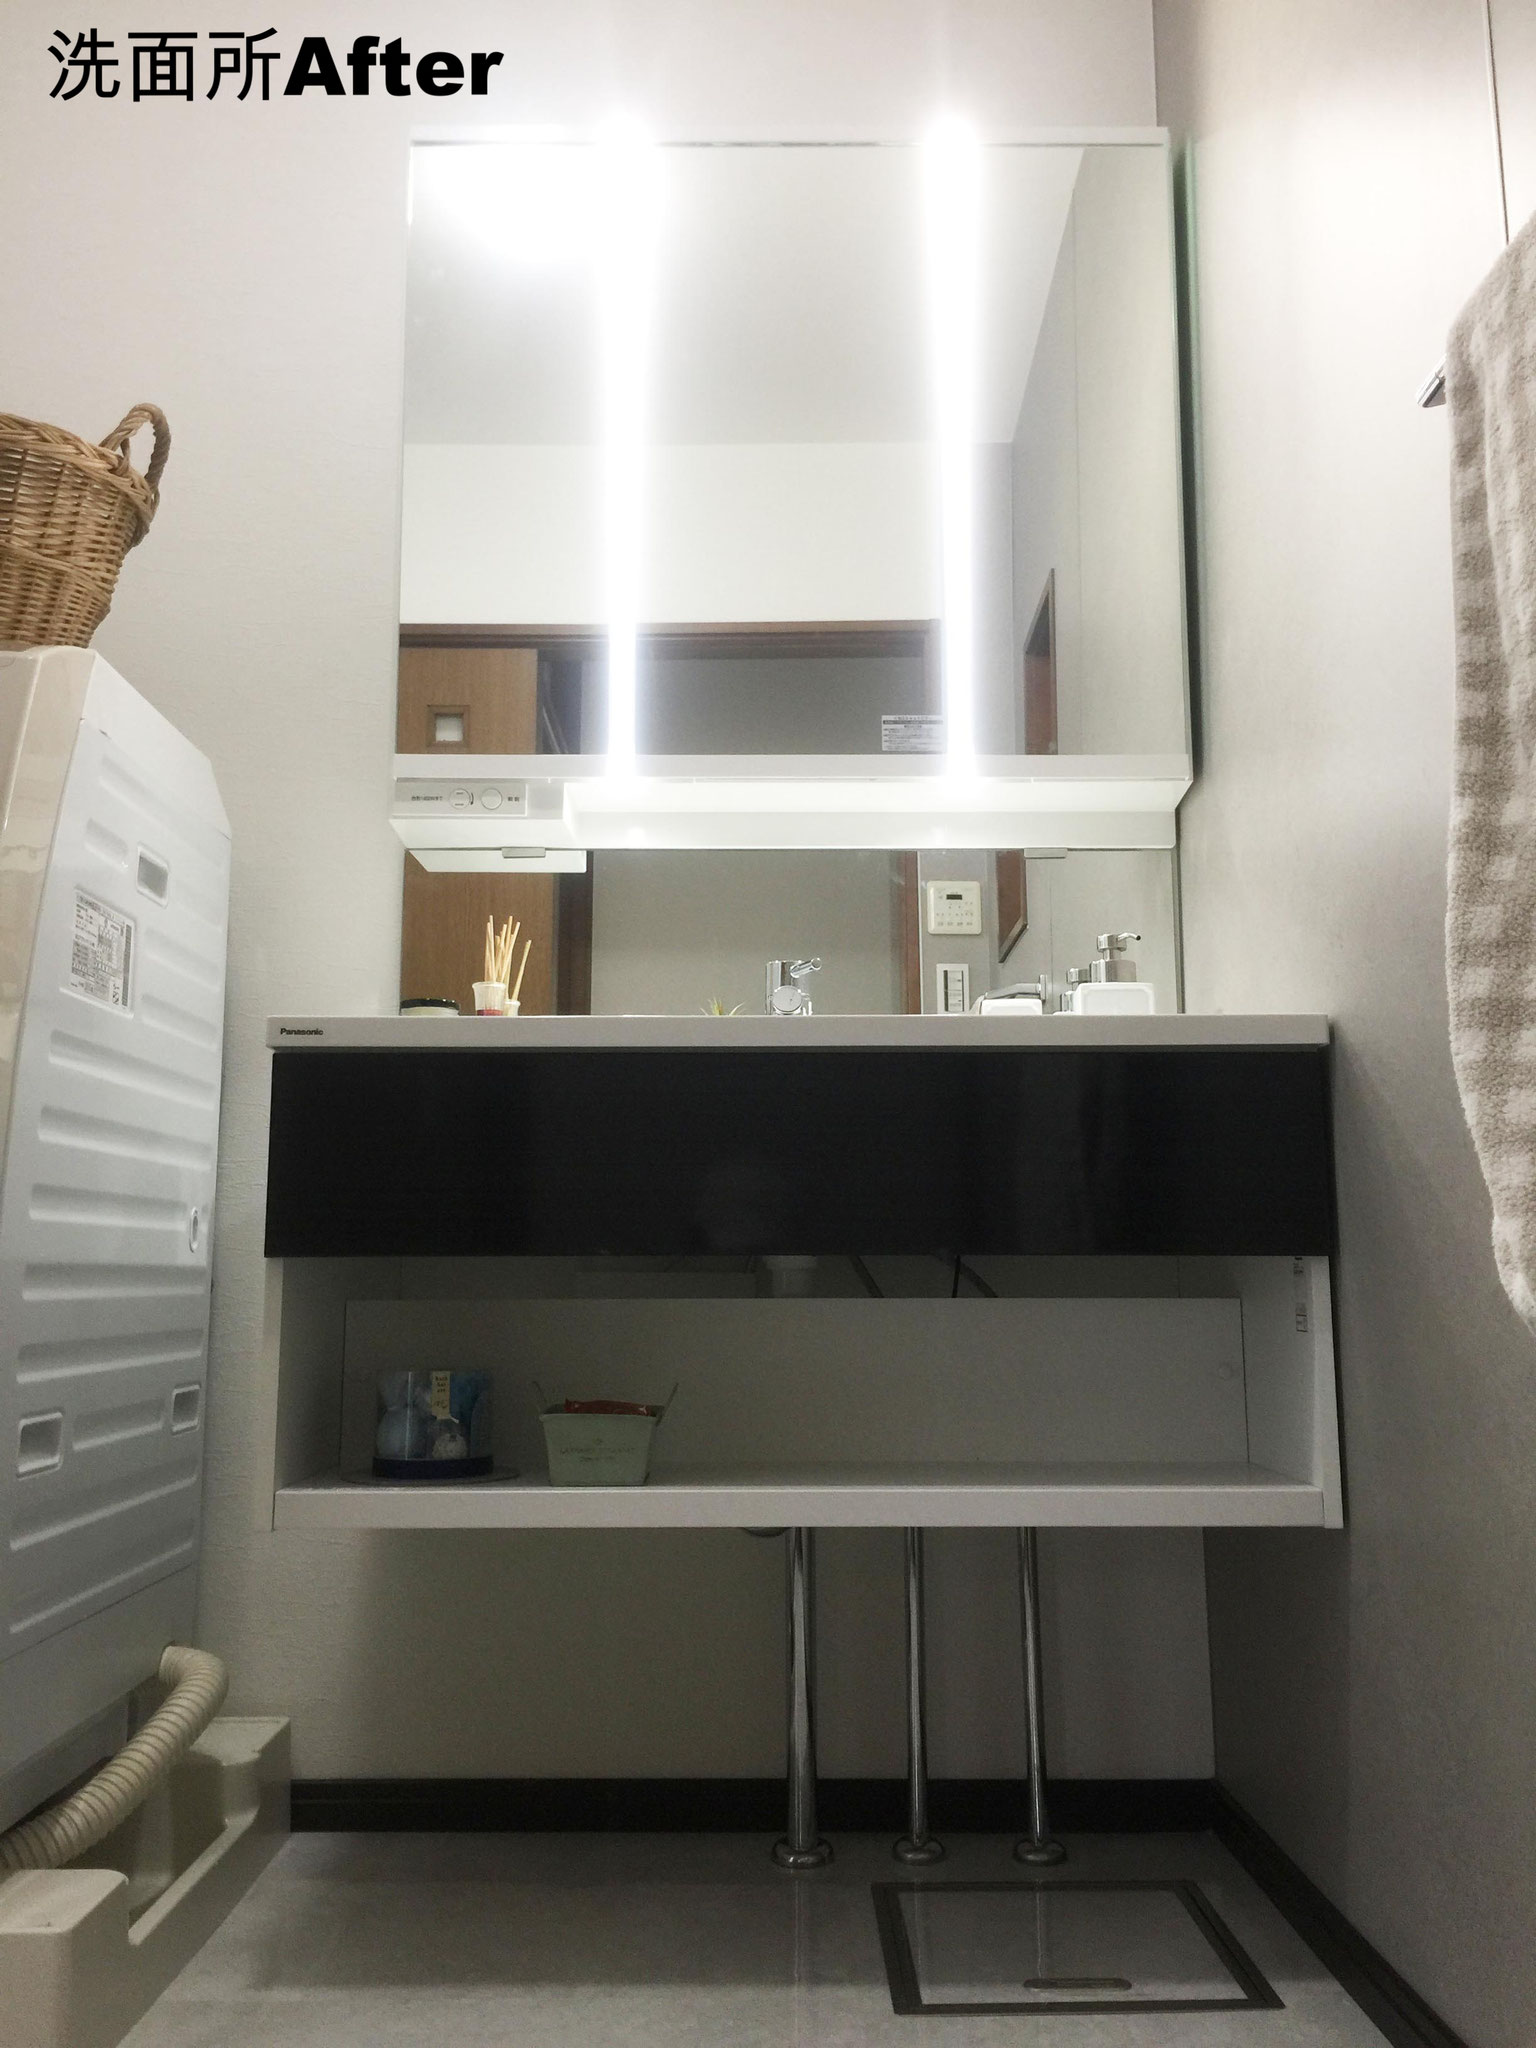 台下がオープンになり、すっきりとした洗面化粧台